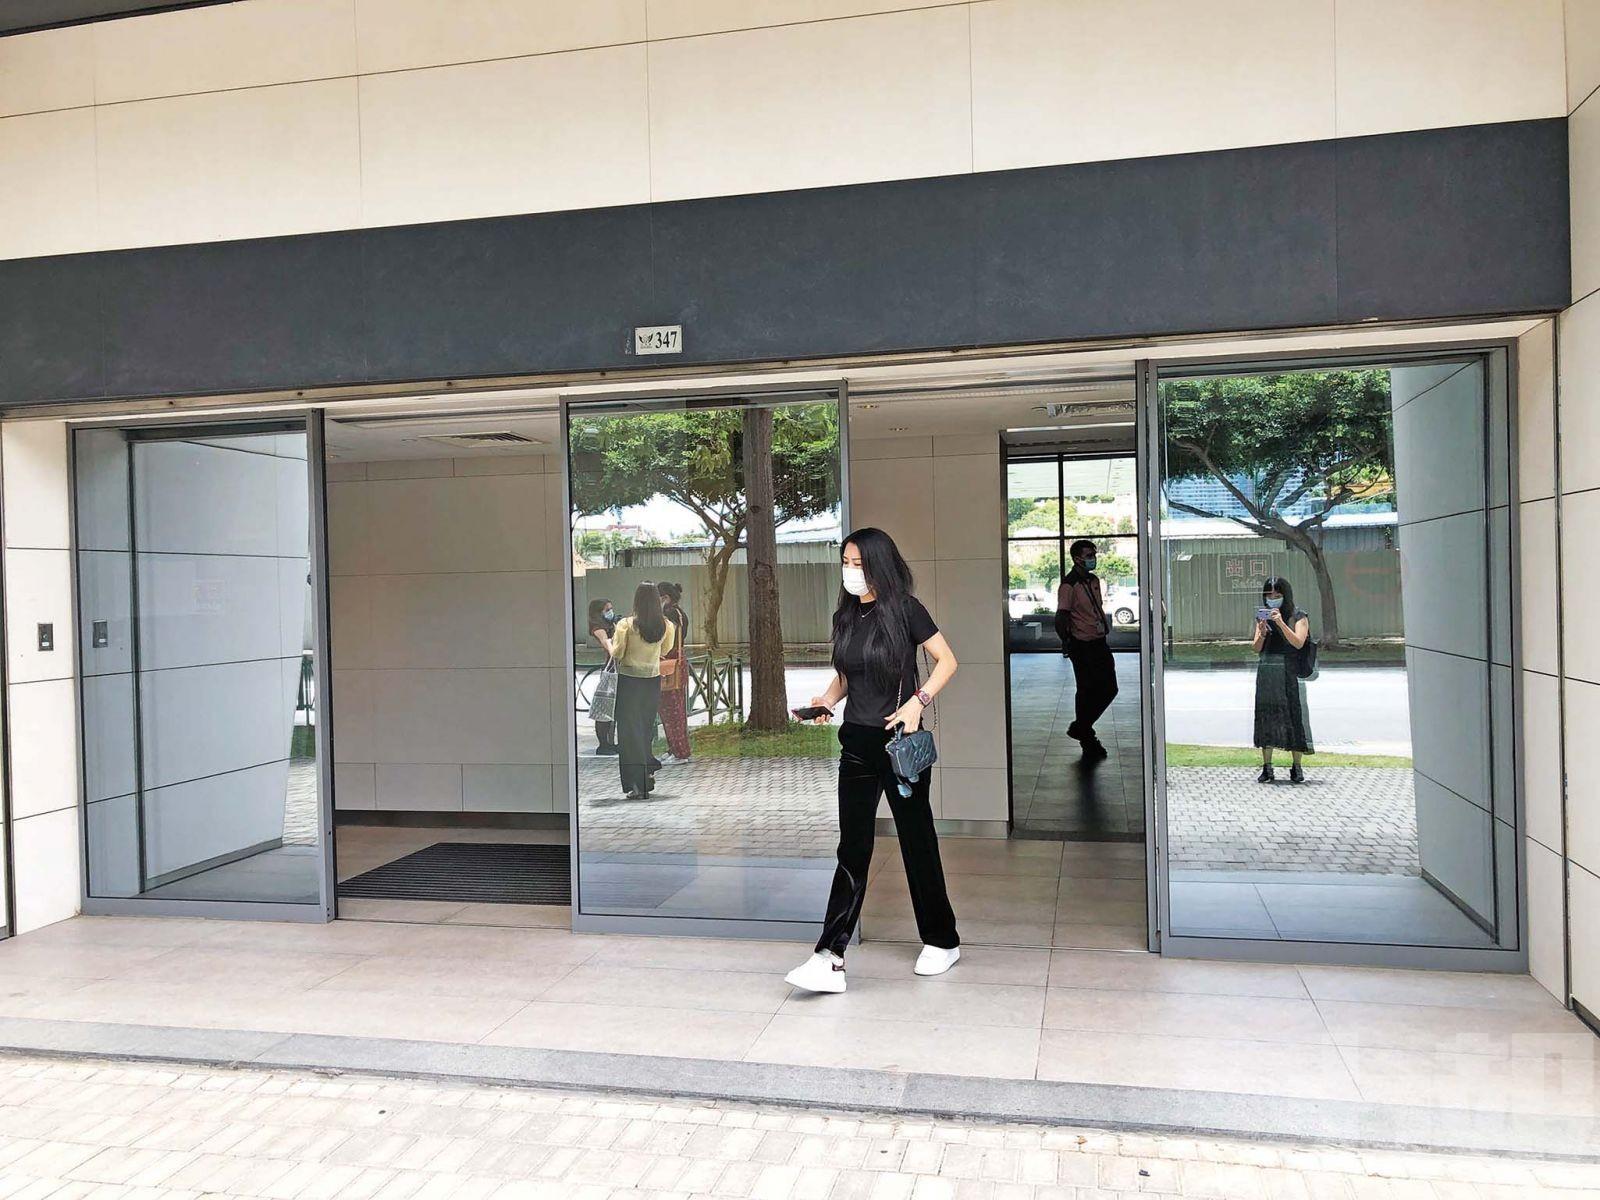 涉嫌濫權及違反保密法 檢察院開立刑事調查卷宗